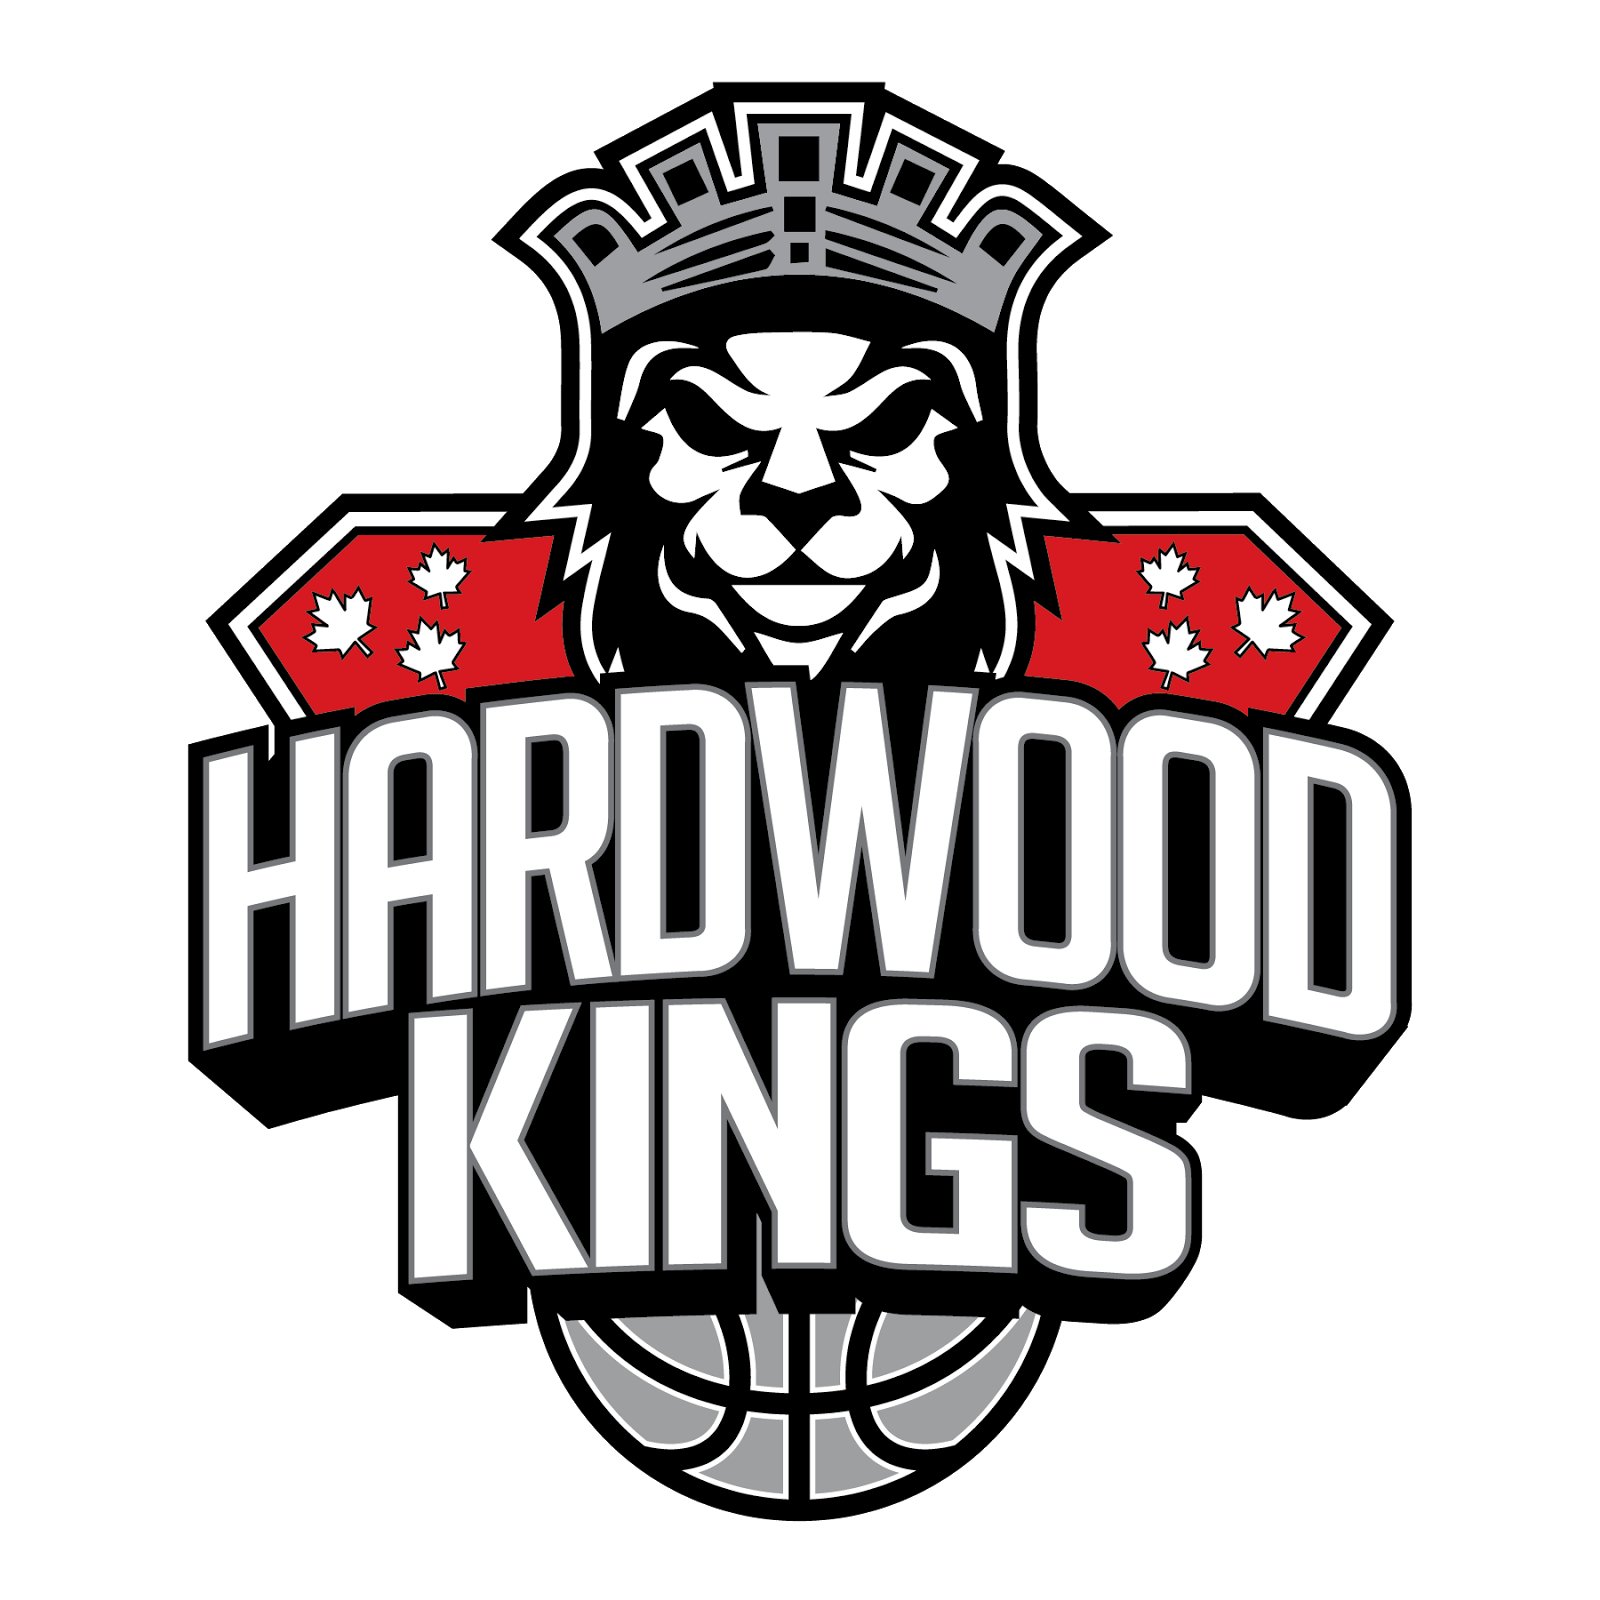 BRAMPTON HARDWOOD KINGS AAU: GRADE 10 AAU TEAM ROSTER